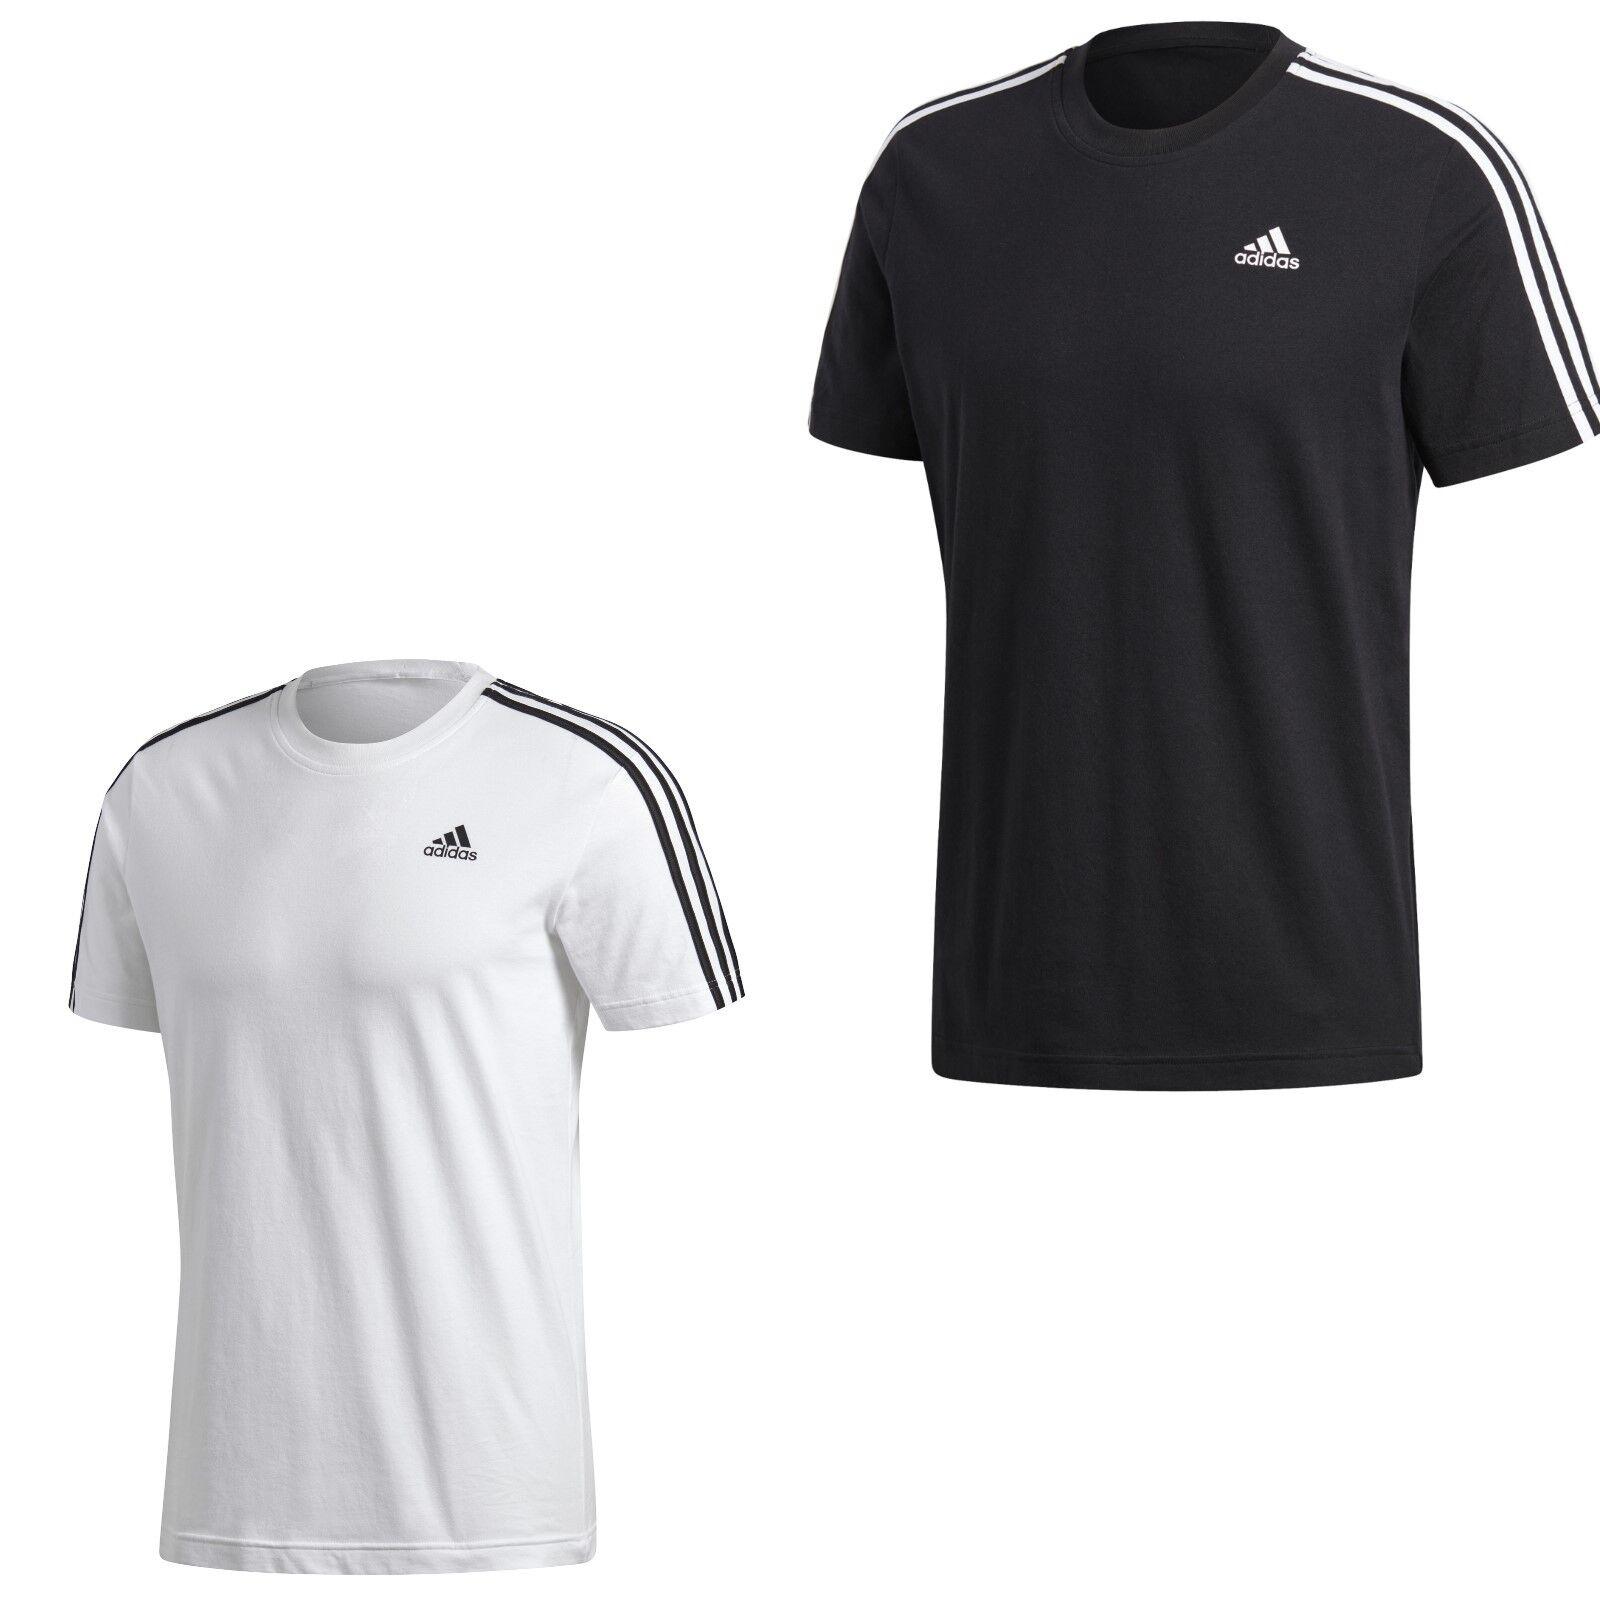 adidas Herren 3 Streifen T-Shirt Tee Herren Männer schwarz weiss S-XXL Baumwolle